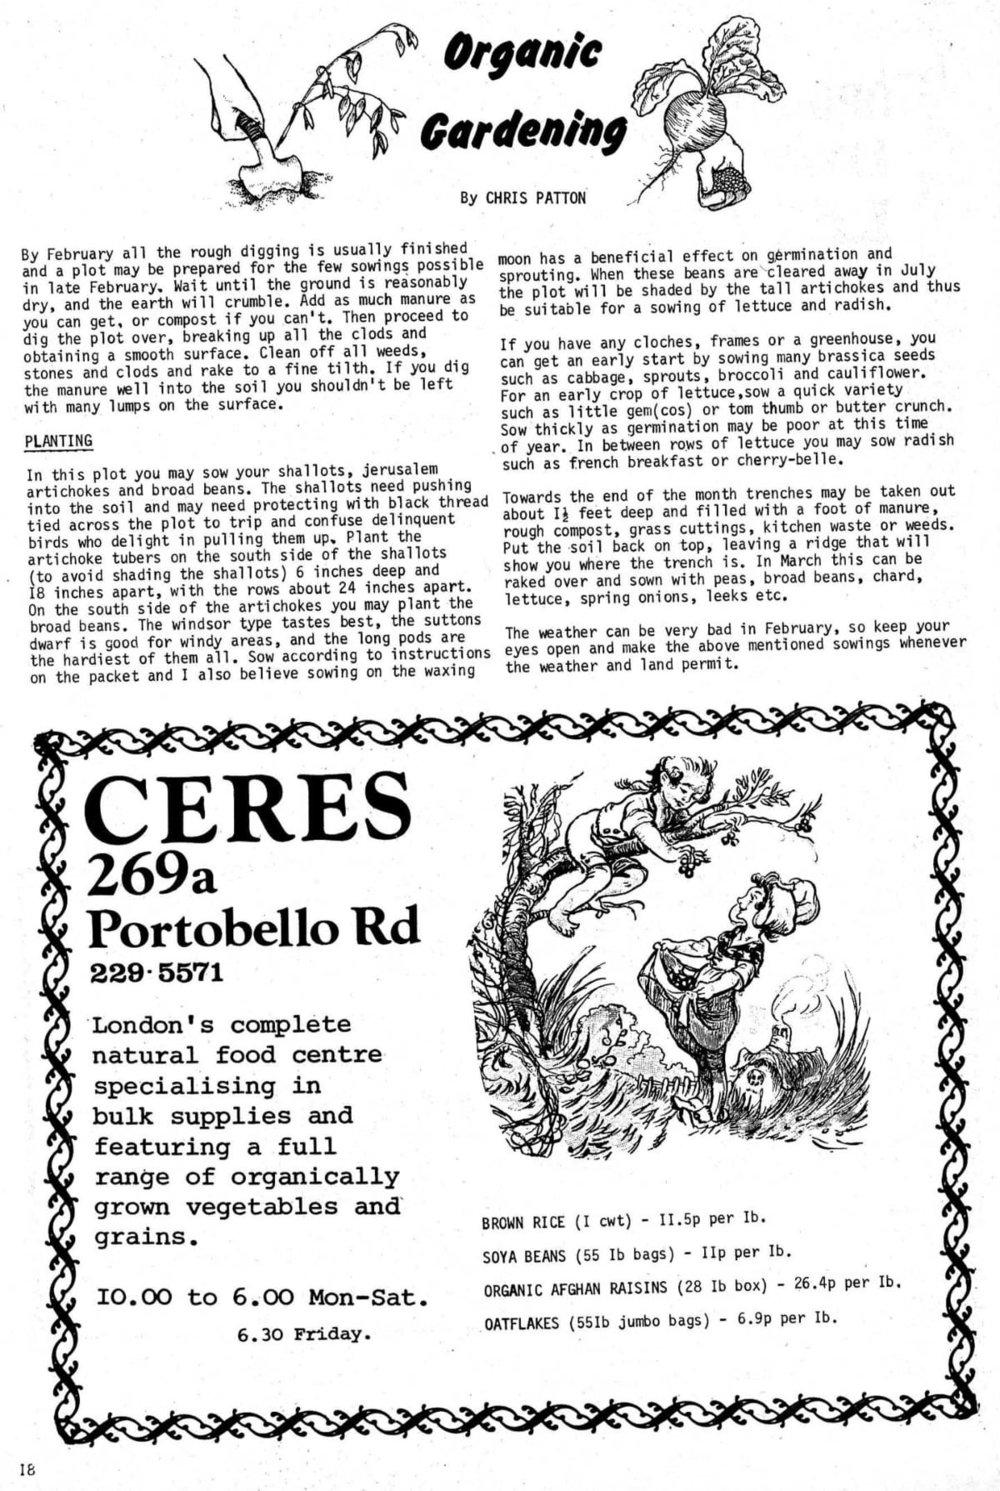 seed-v4-n2-feb1975-18.jpg